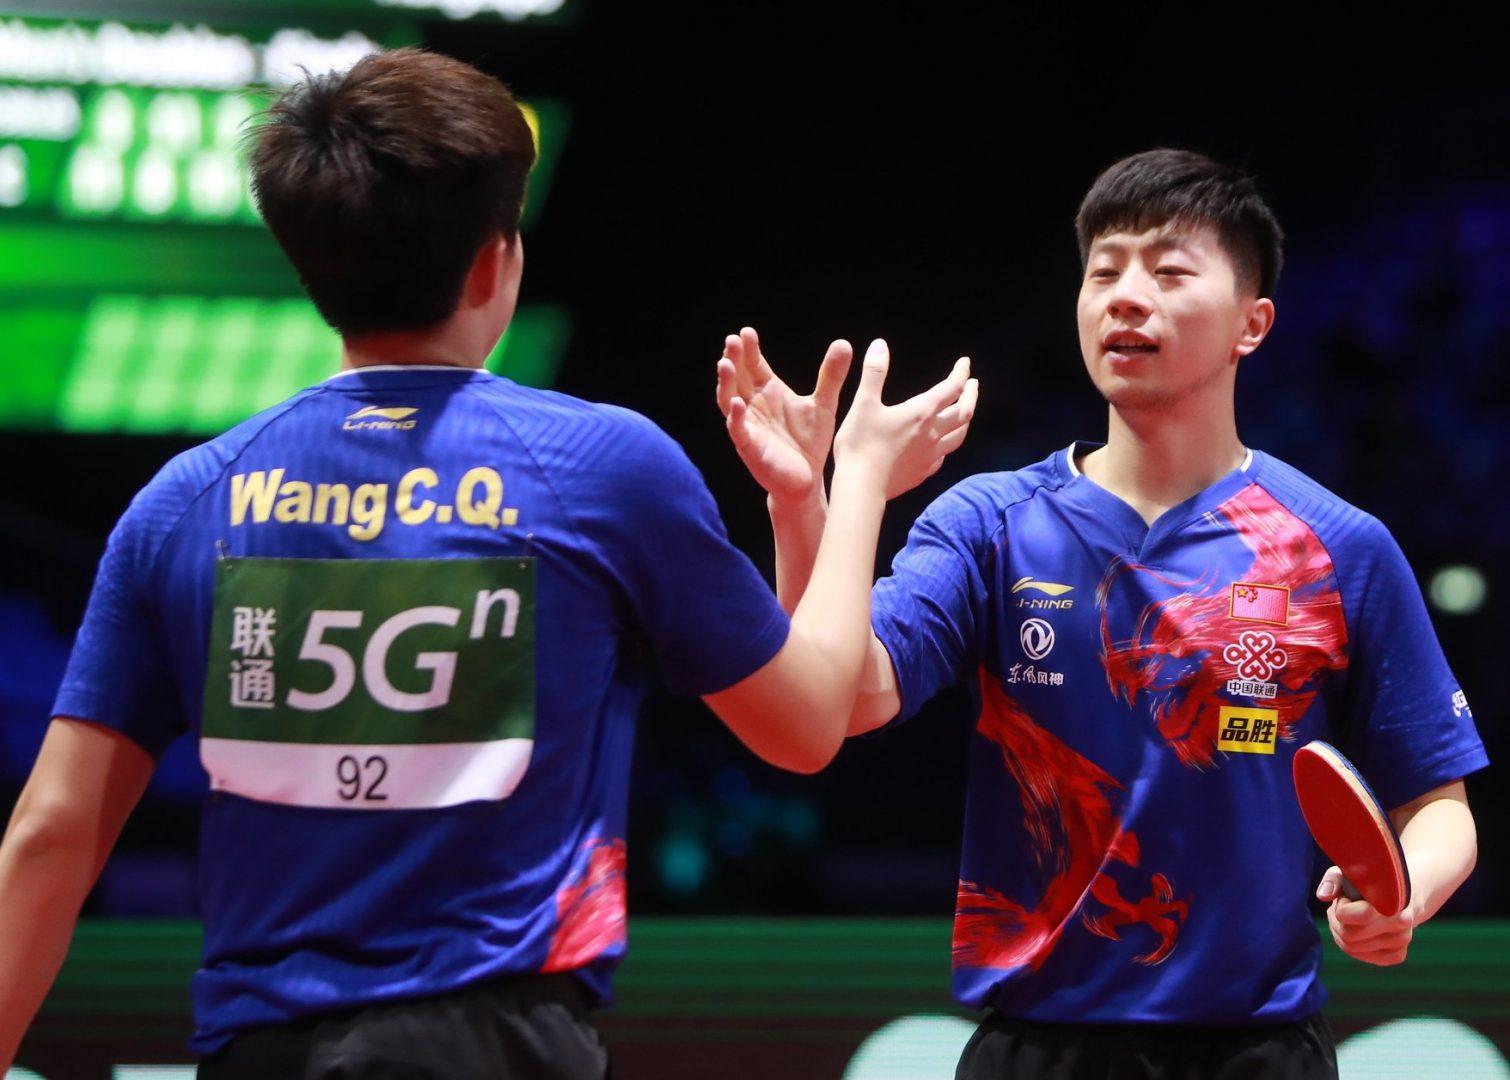 【卓球・男子】馬/王組が金 シングルスはスウェーデンのファルクが馬龍に挑む<世界卓球2019>